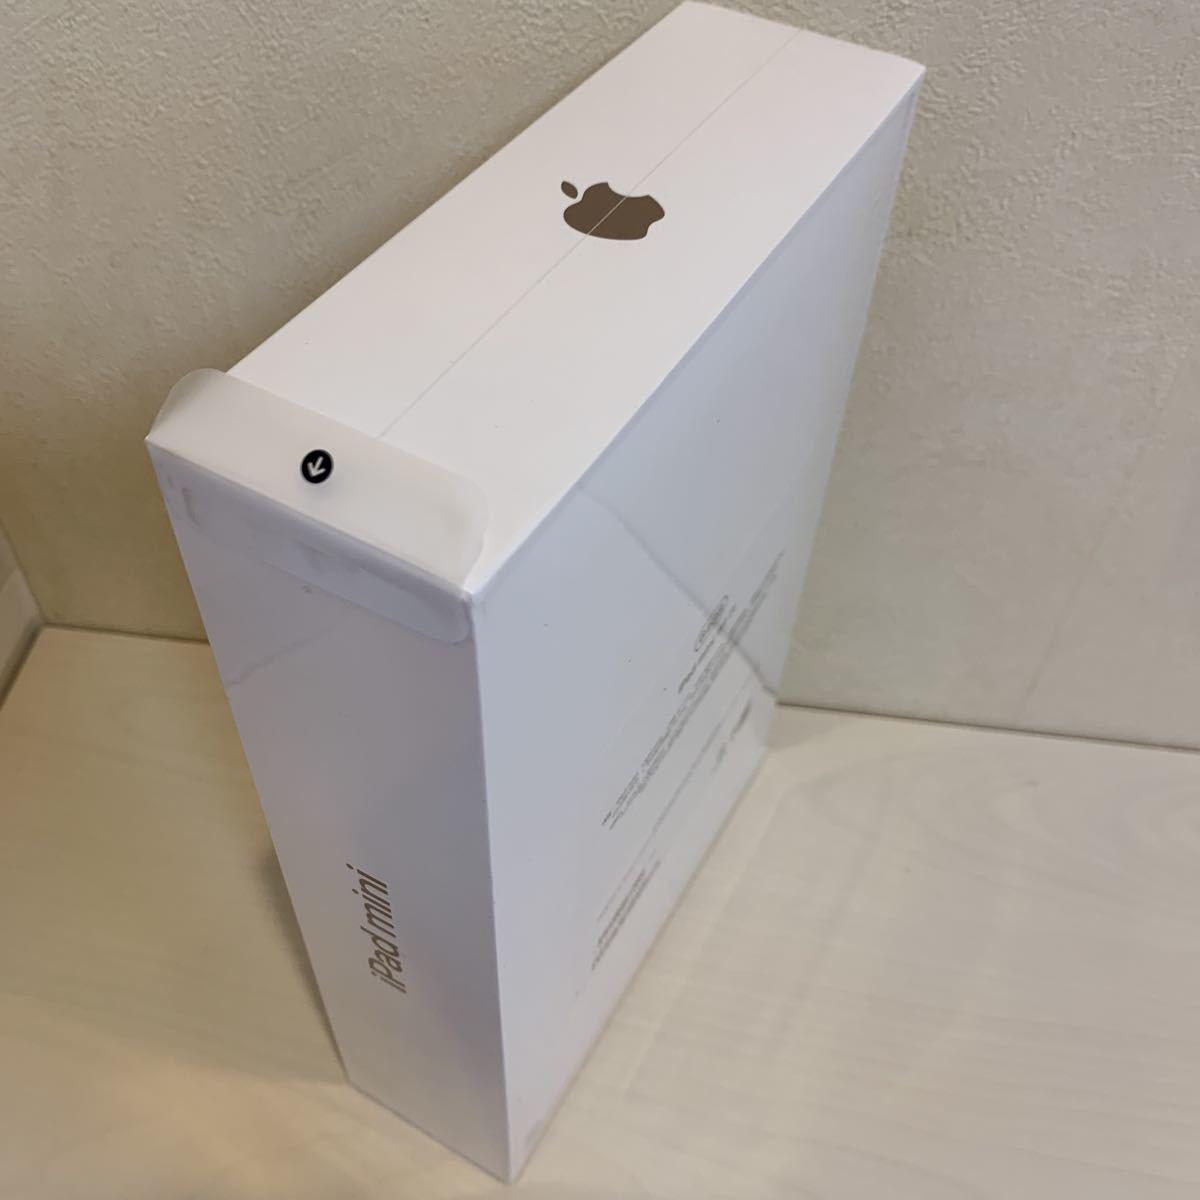 未使用未開封新品 iPad mini Wifi 64GB Gold_画像3